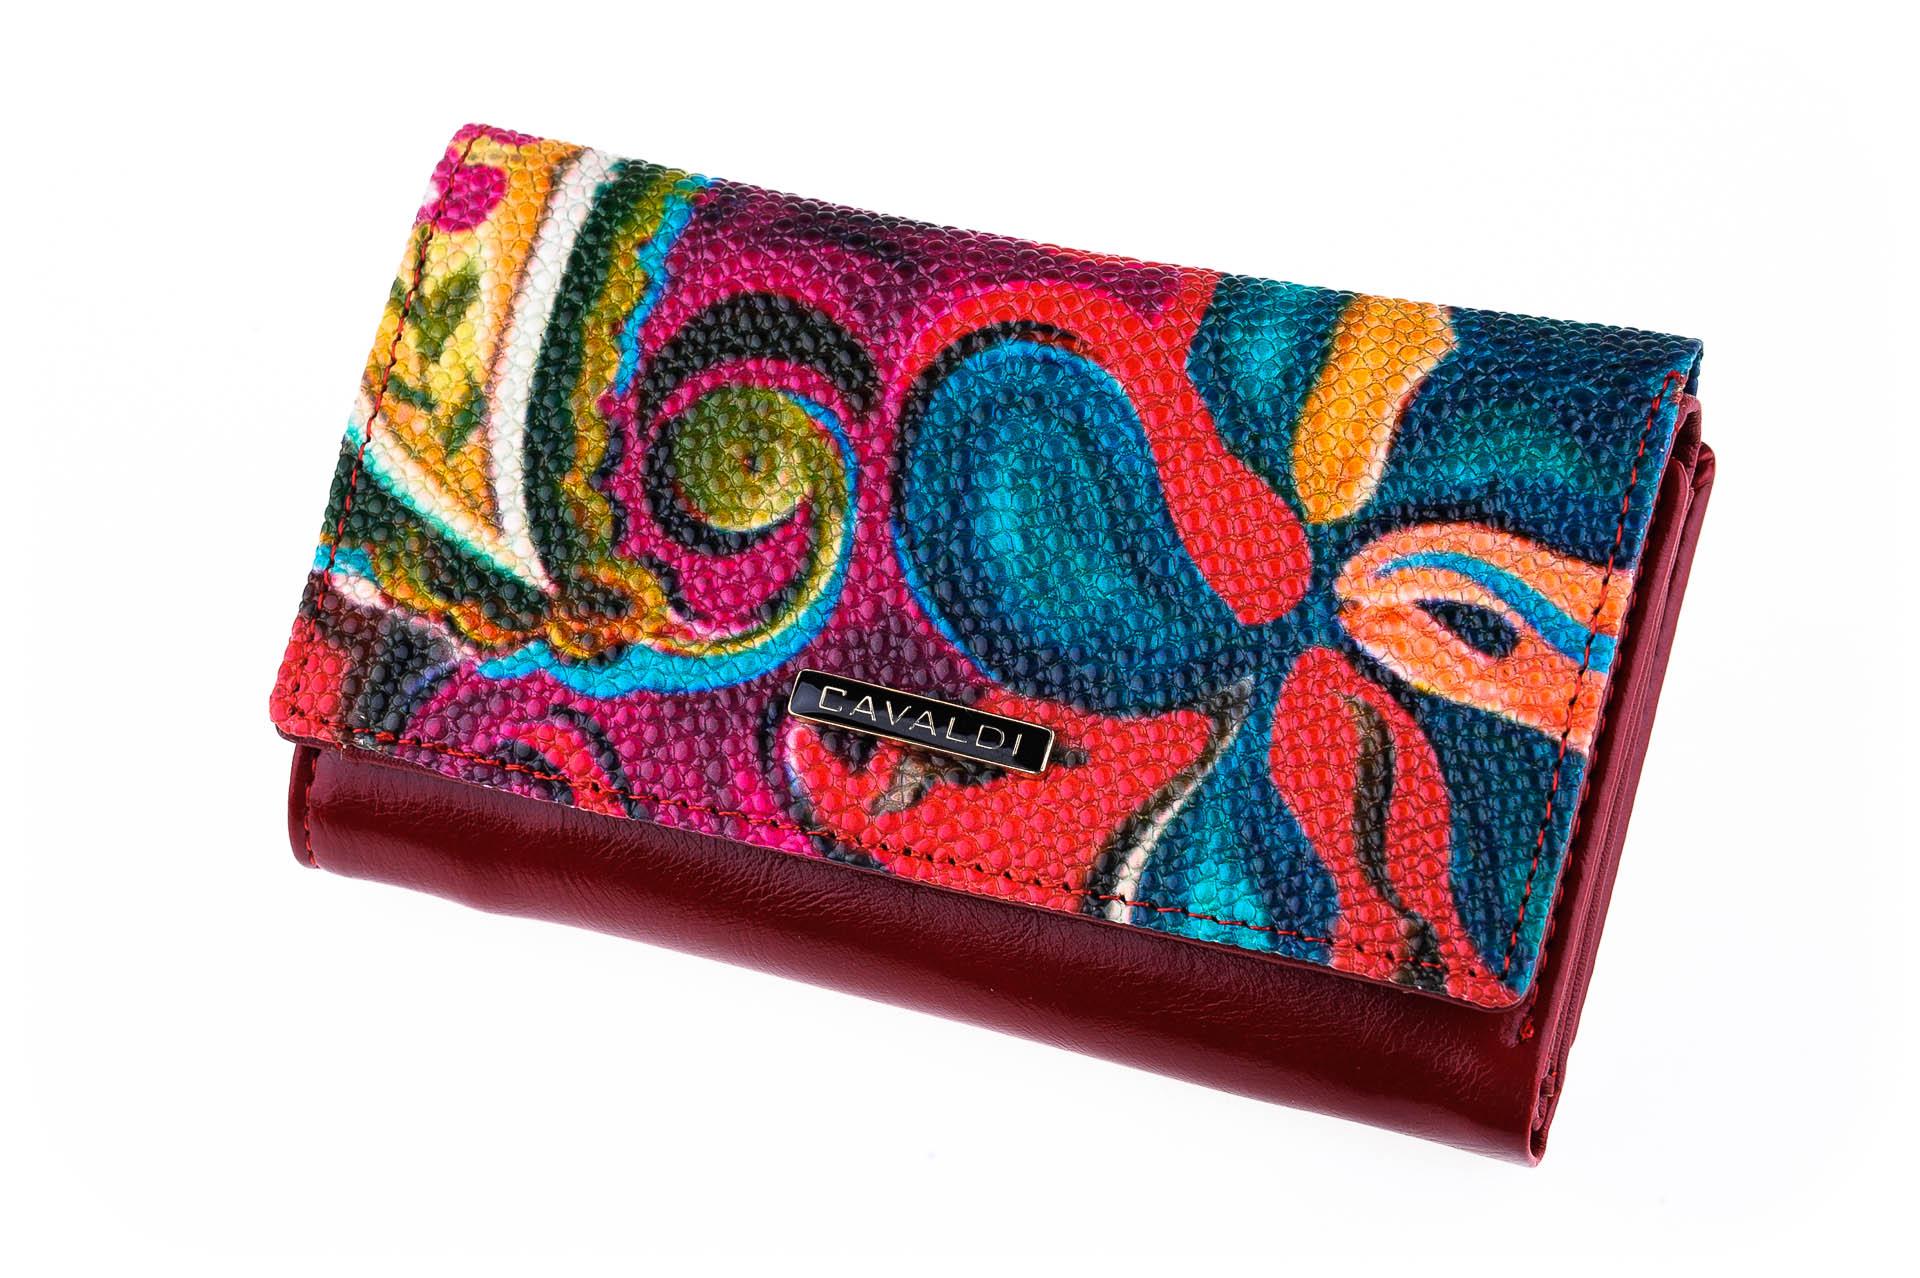 916ec3122f6d0 portfel kolorowy Katowice w Oficjalnym Archiwum Allegro - archiwum ofert